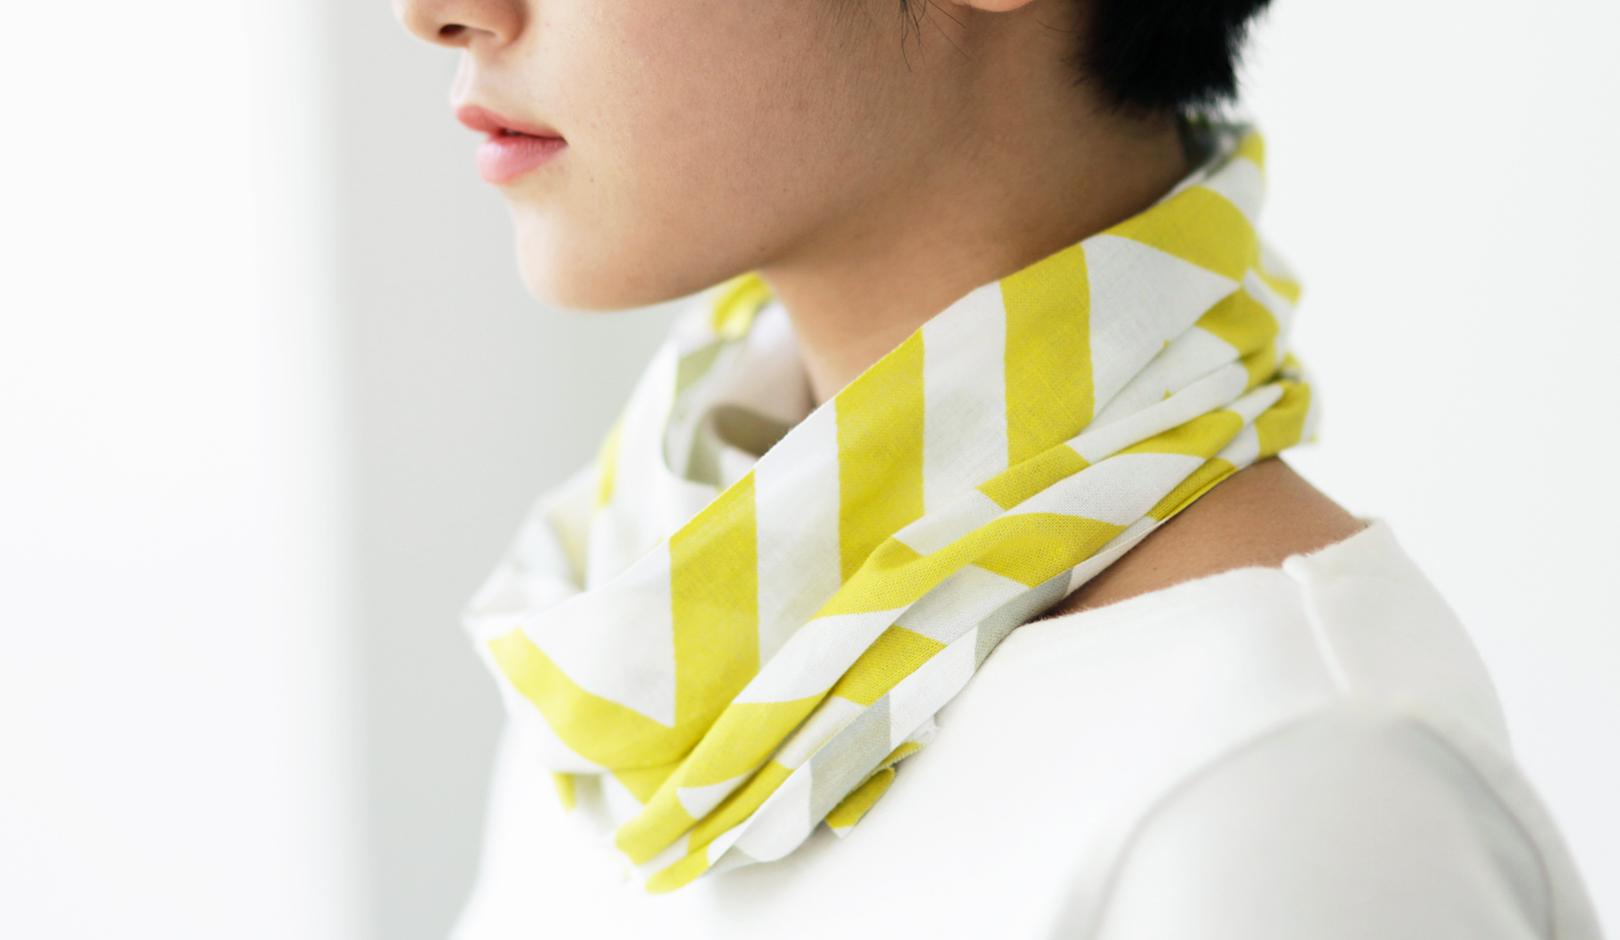 菱の花 - Hishi-no-Hana